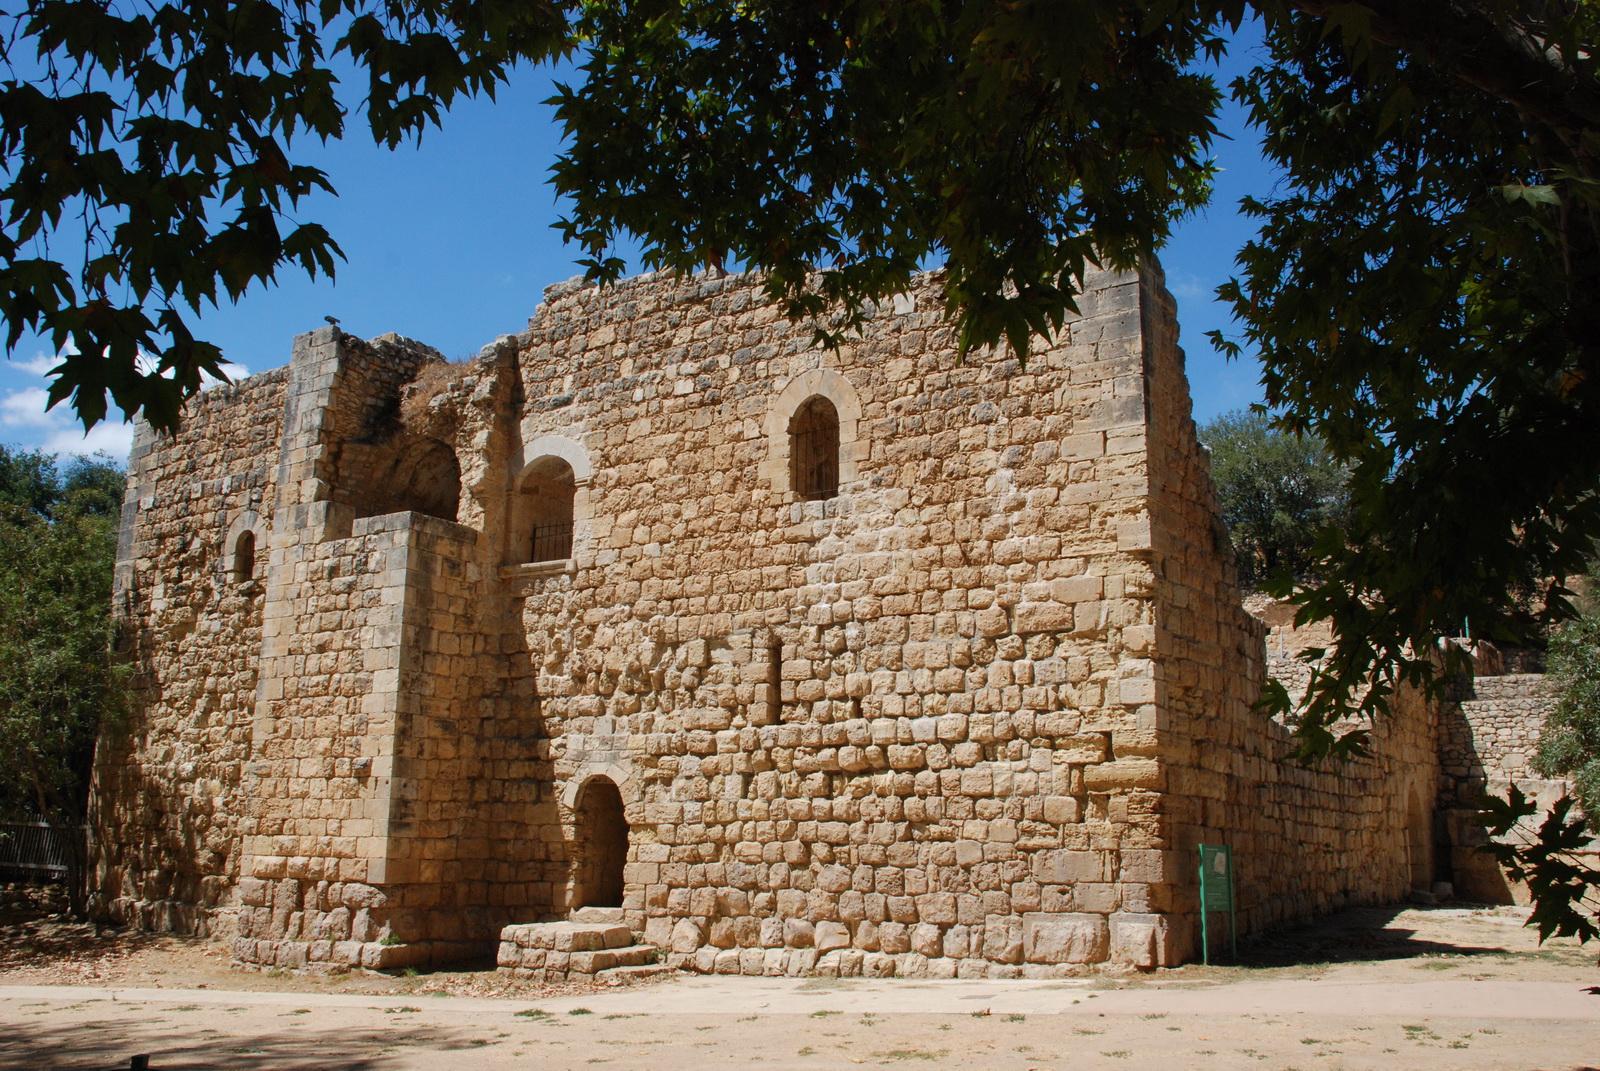 מבואות ירושלים - עין חמד - המצודה הצלבנית